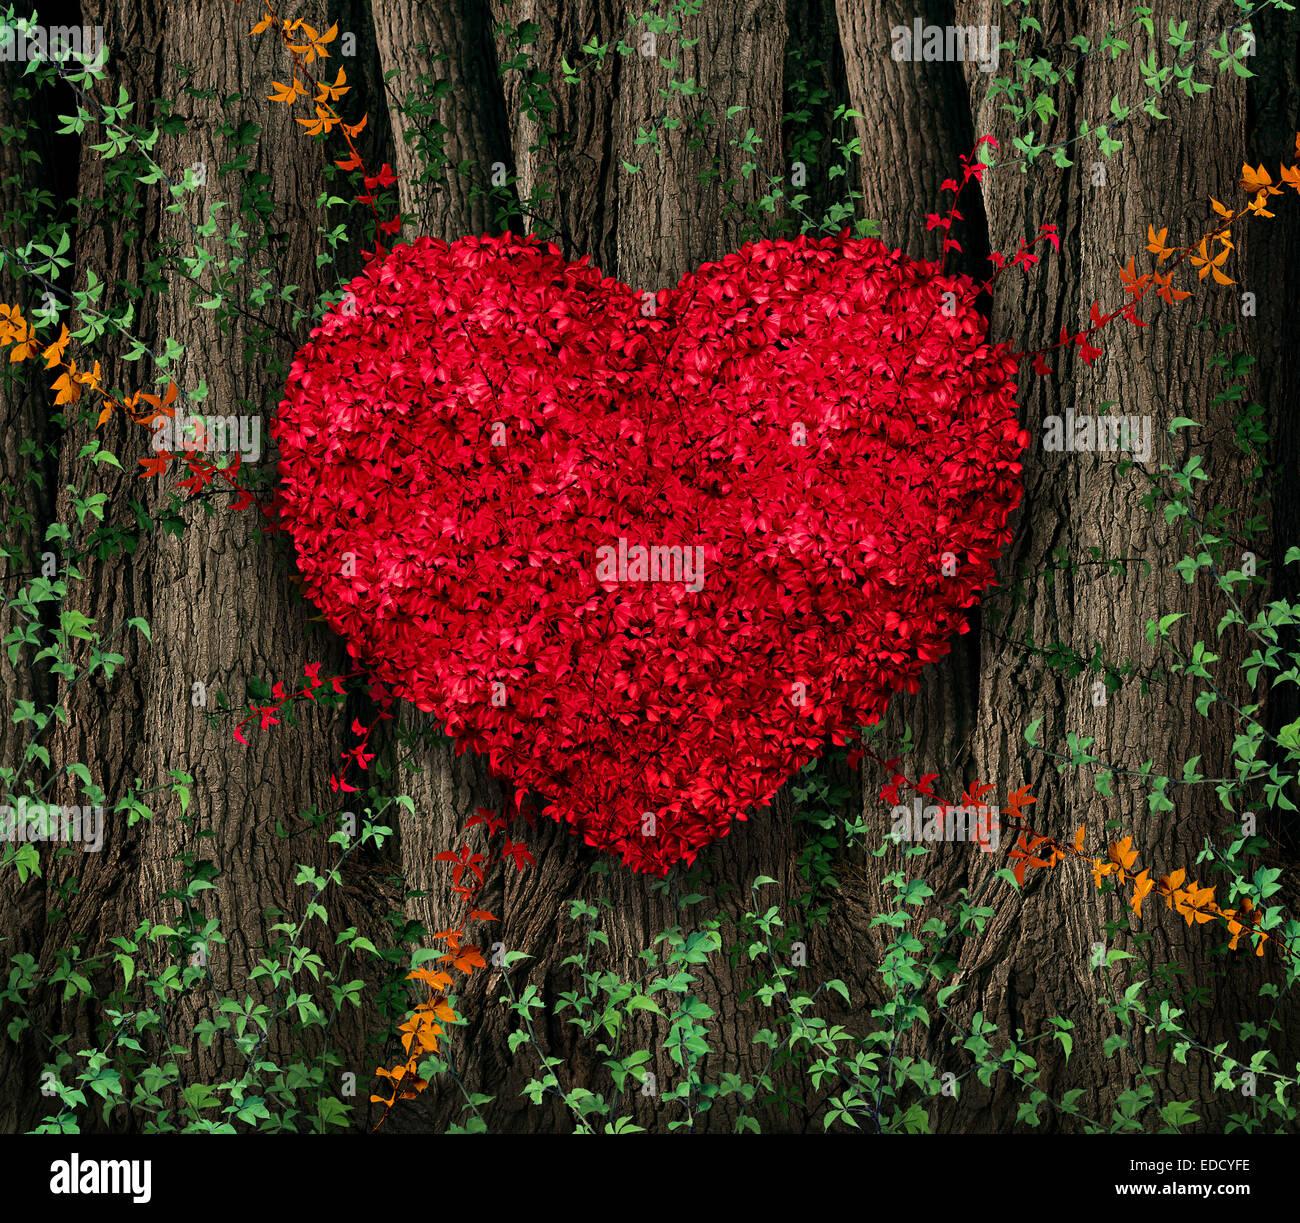 Valentines Day red leaf la viticulture dans une forêt naturelle en forme de grands arbres en forme de coeur Photo Stock